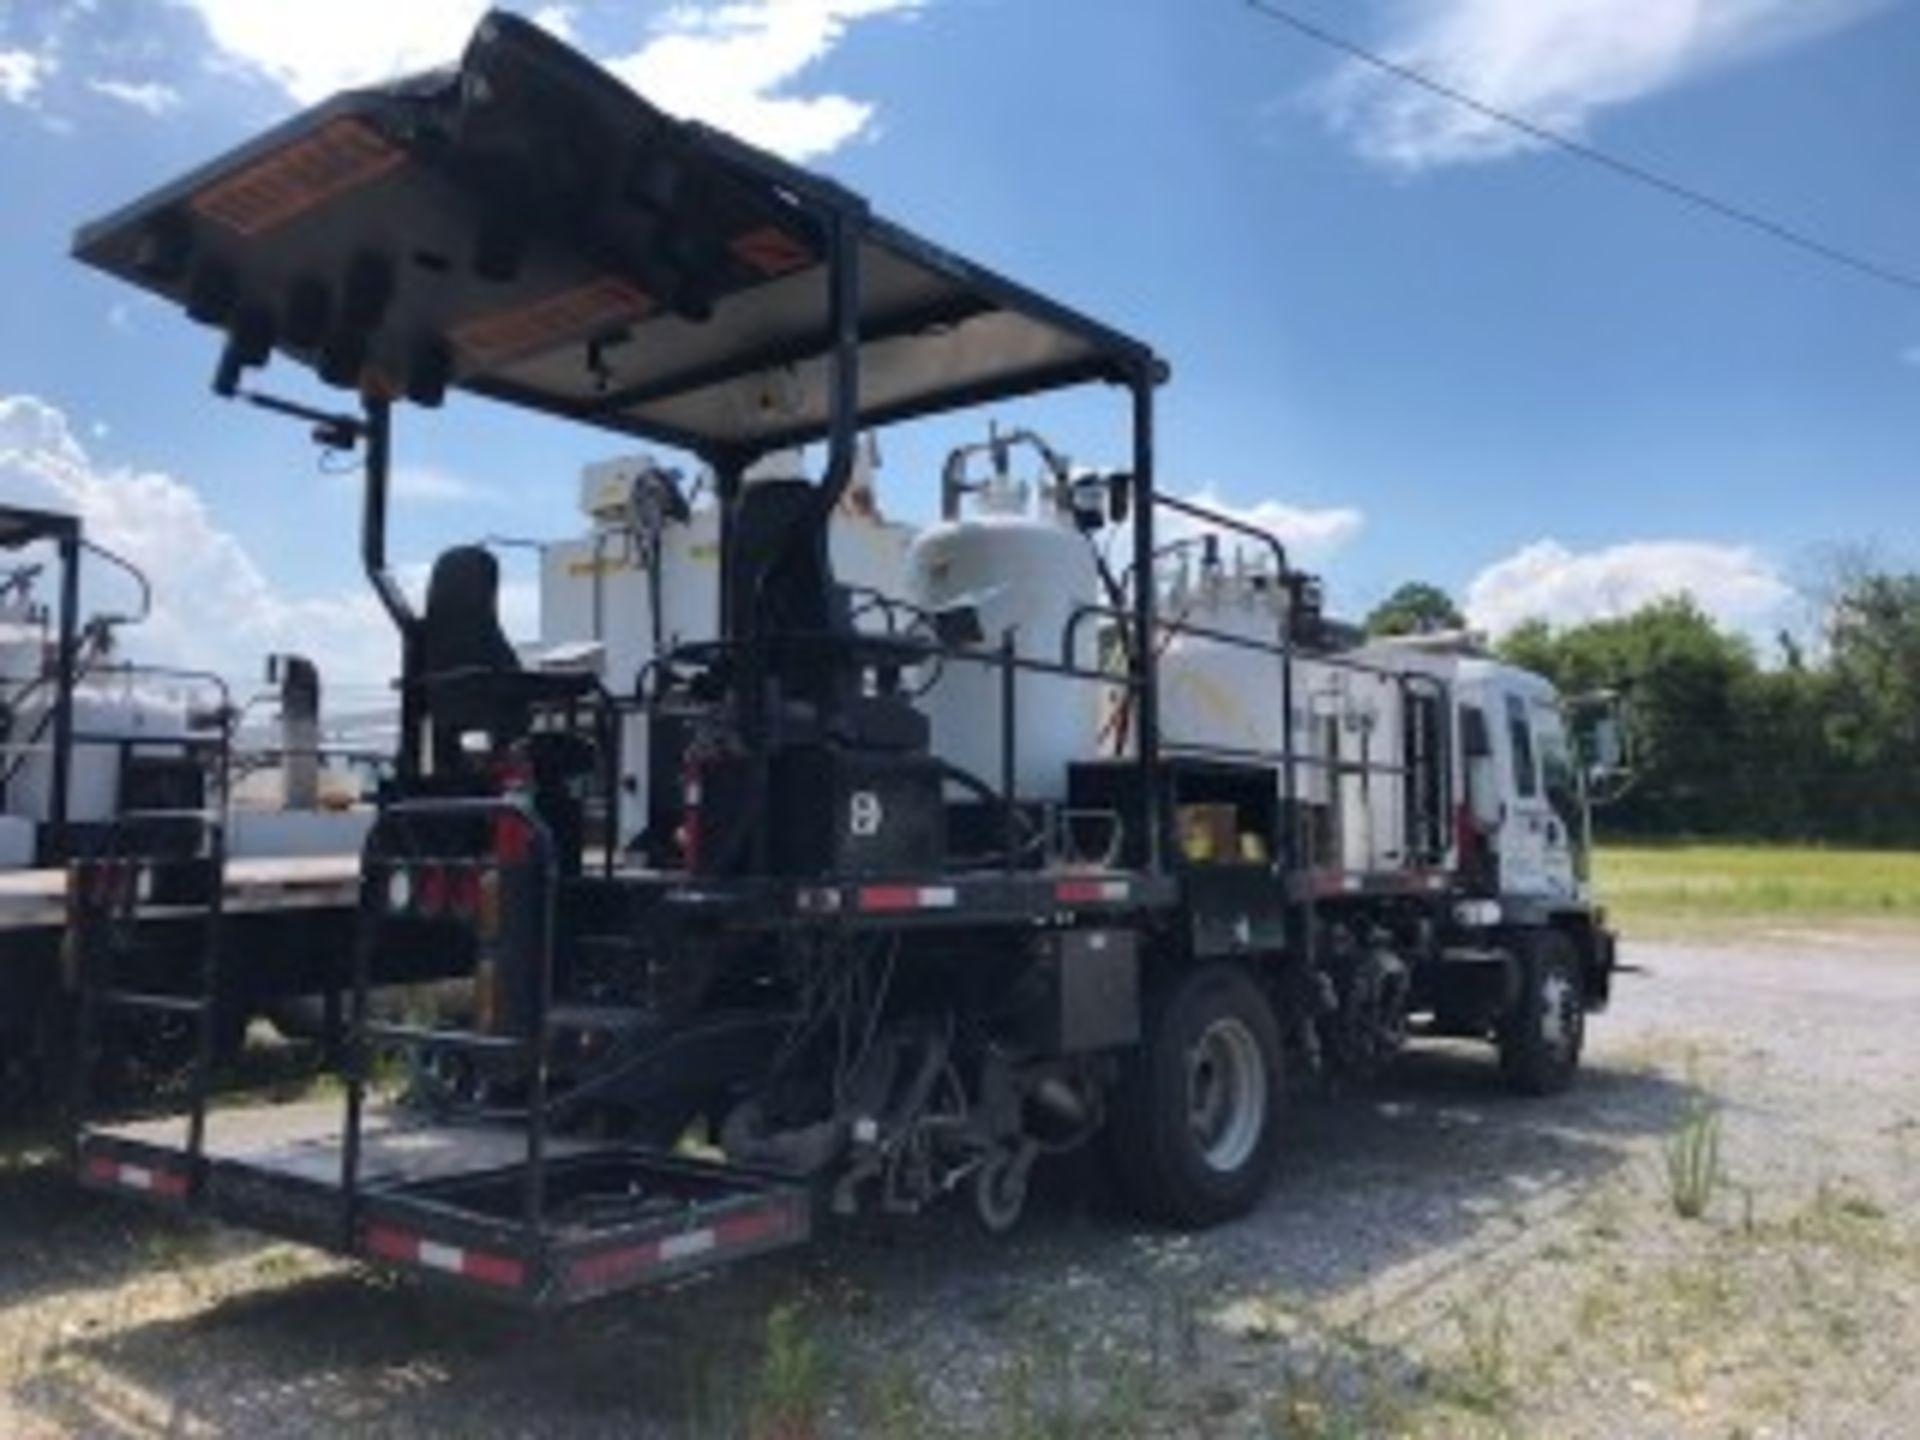 Lot 1 - 2017 MRL Model 1-165-AA Striping Unit s/n 17115, Mounted on 2001 GMC T6500 VIN 1GDK7C1CX1J505954